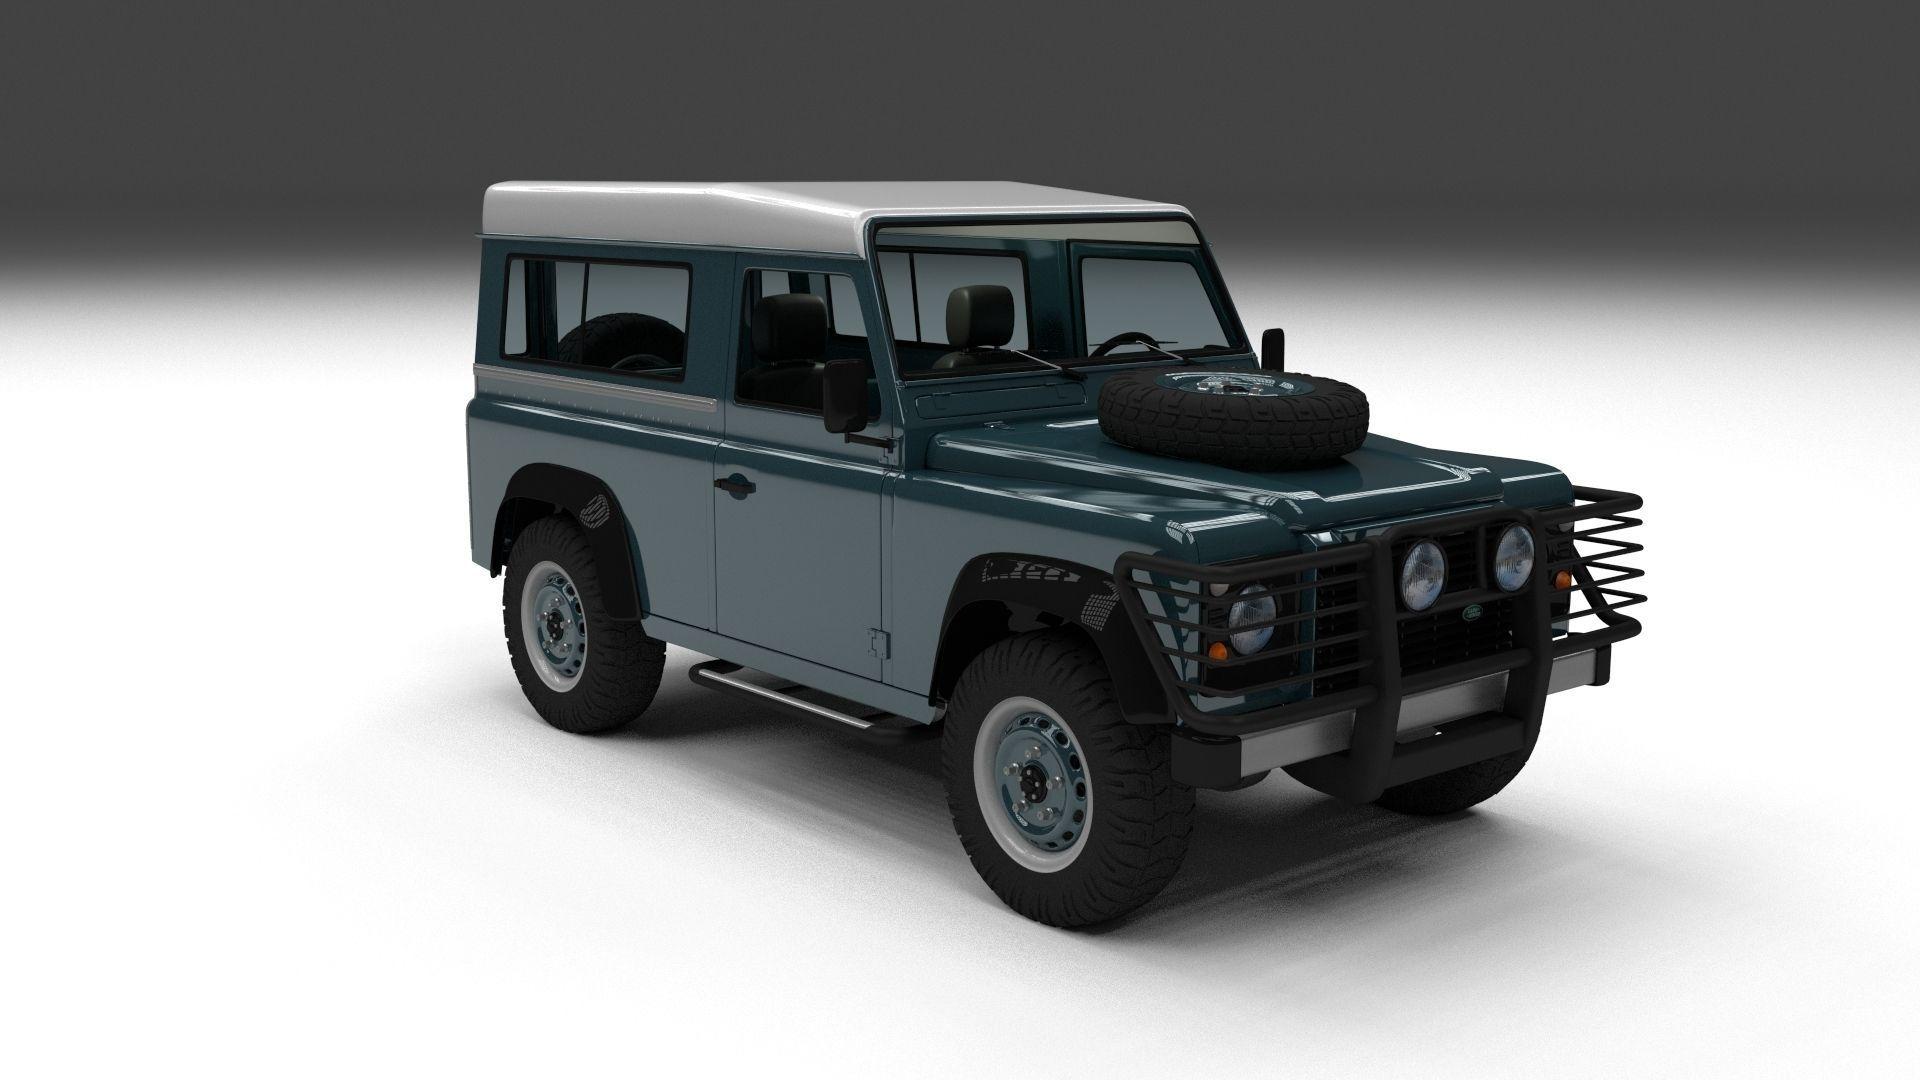 land rover defender 90 station wagon w int 3d model. Black Bedroom Furniture Sets. Home Design Ideas